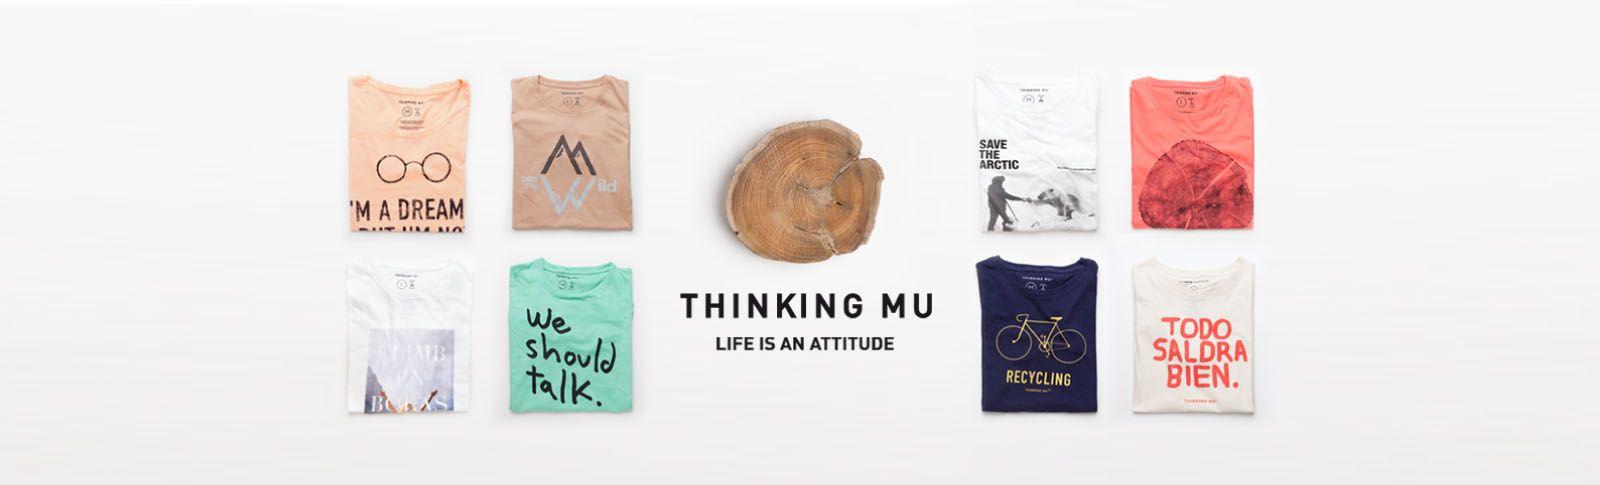 Stores - Thinking Mu